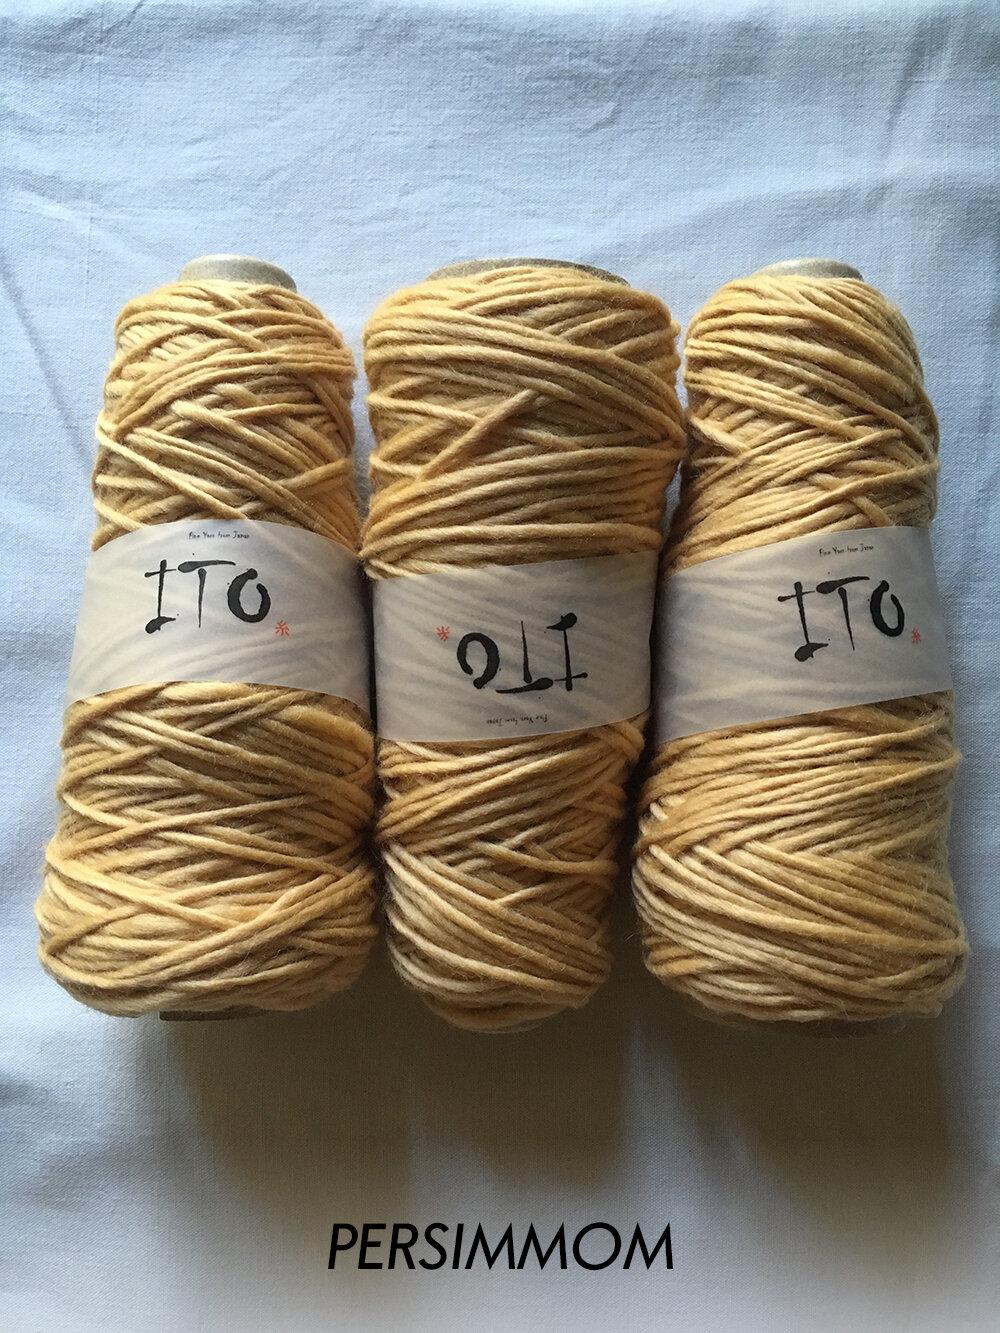 ito_yomo_persimmom_475_wool_done_knitting.jpg